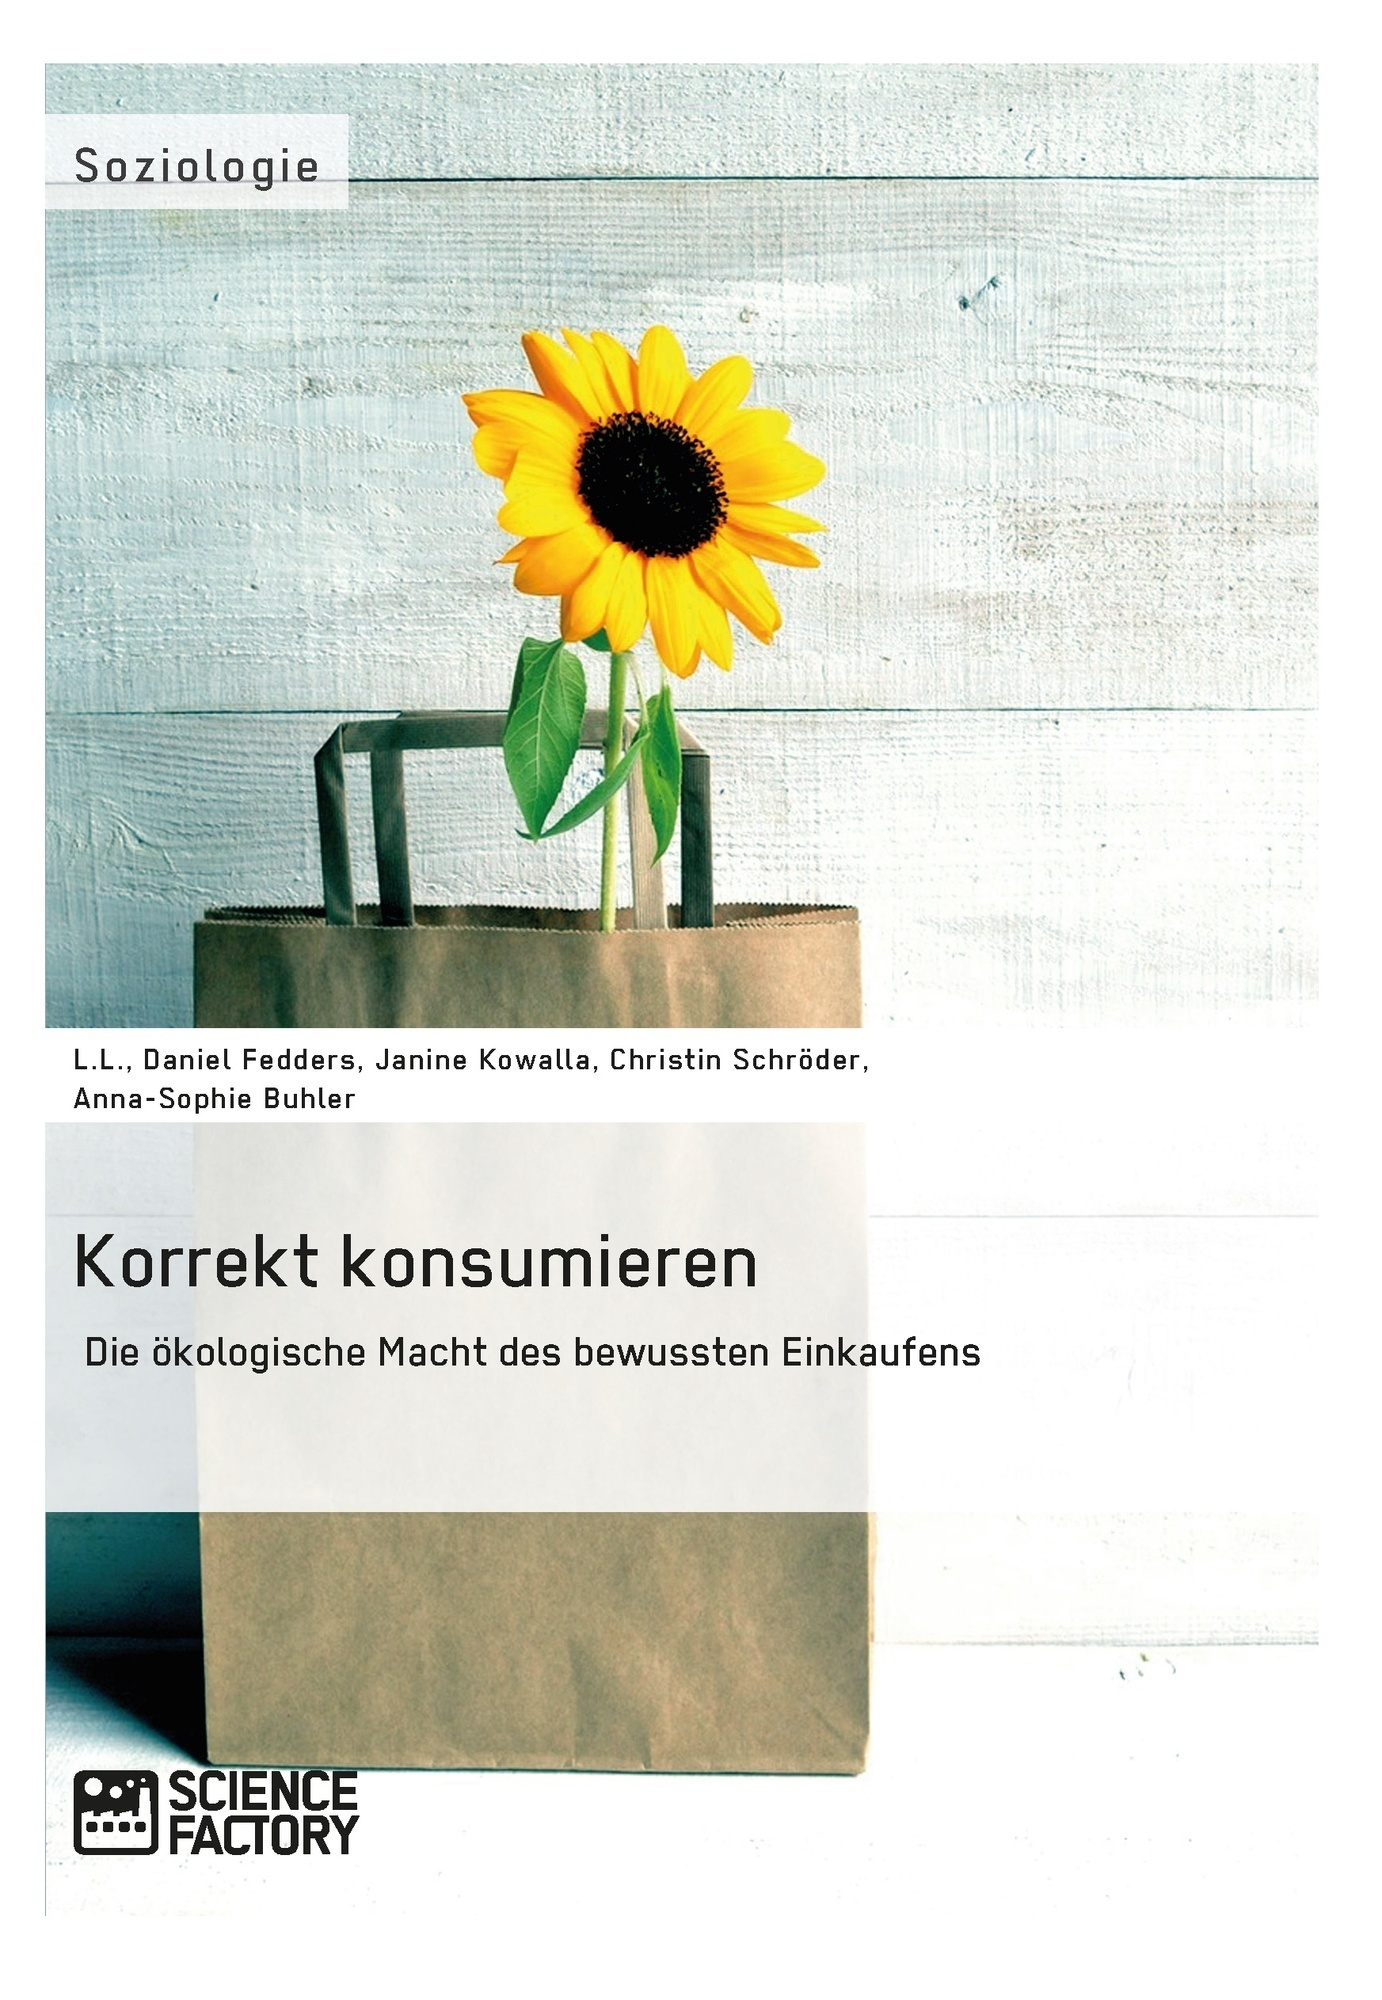 Titel: Korrekt konsumieren. Die ökologische Macht des bewussten Einkaufens